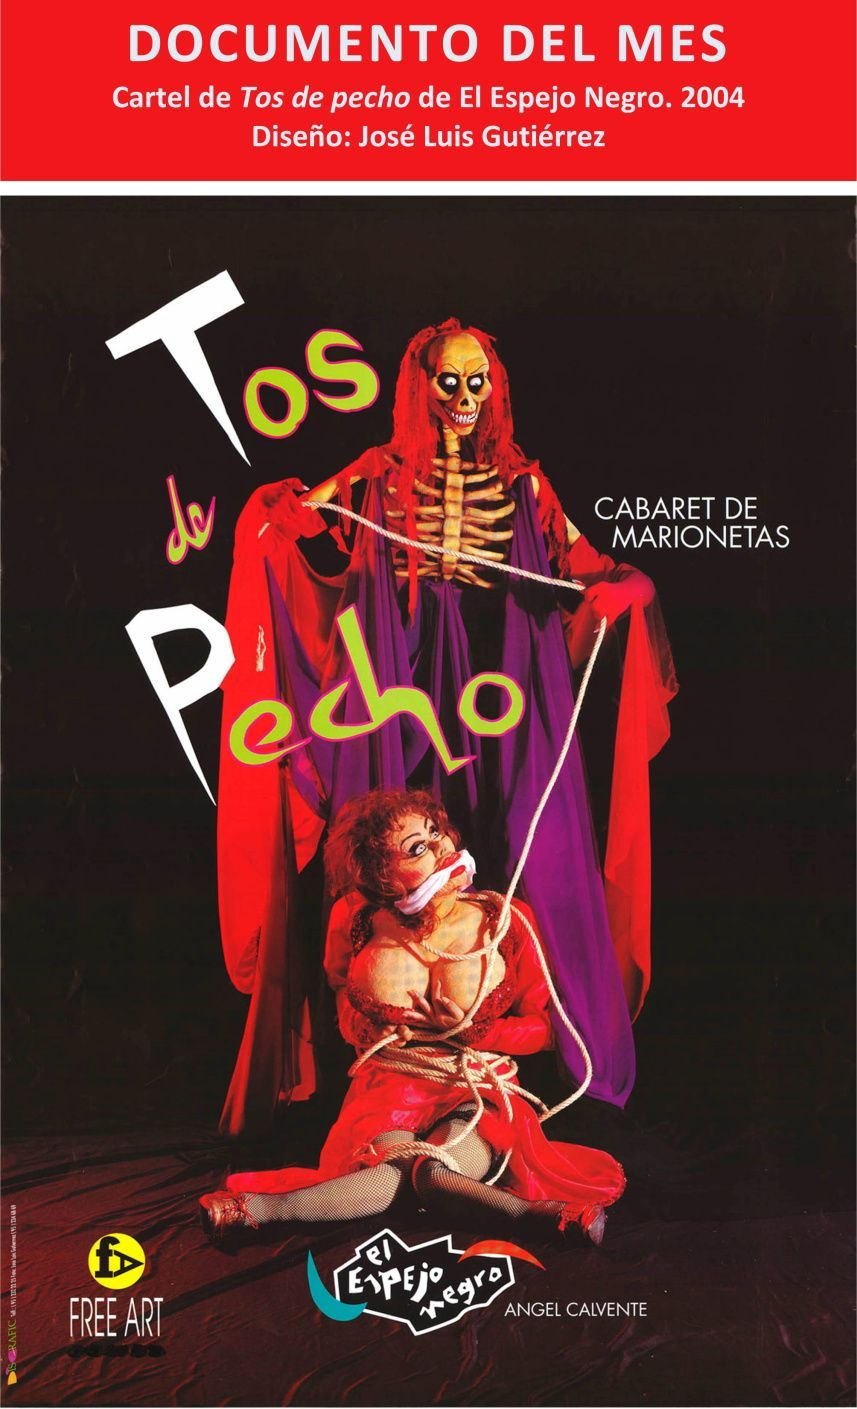 """Cartel del espectáculo """"Tos de pecho"""", El Espejo Negro 2004. Diseño: Jose Luis Gutiérrez"""